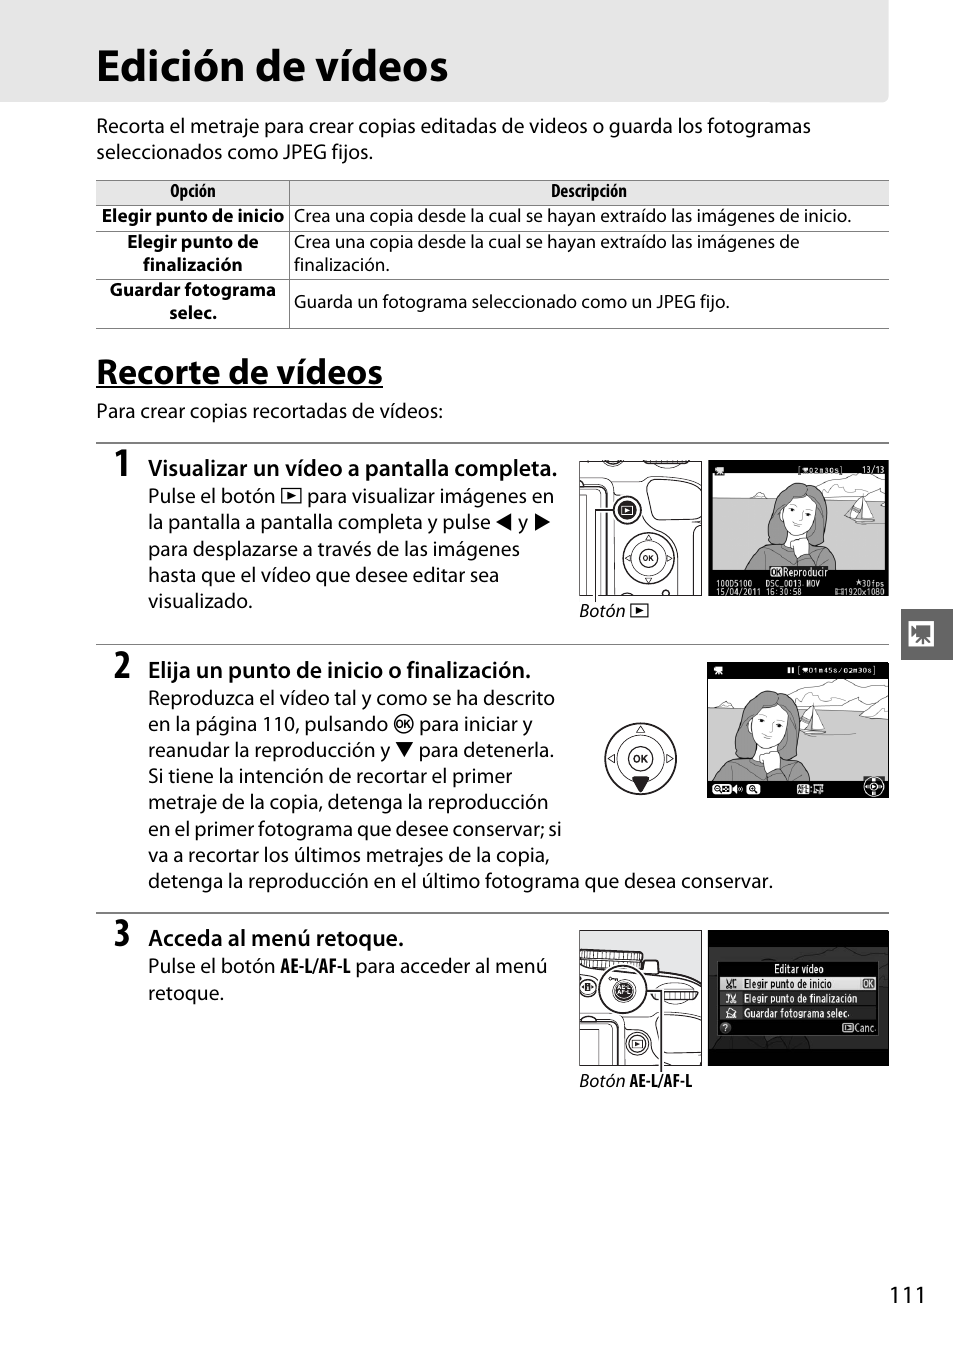 Edición de vídeos, Recorte de vídeos | Nikon D5100 Manual del ...